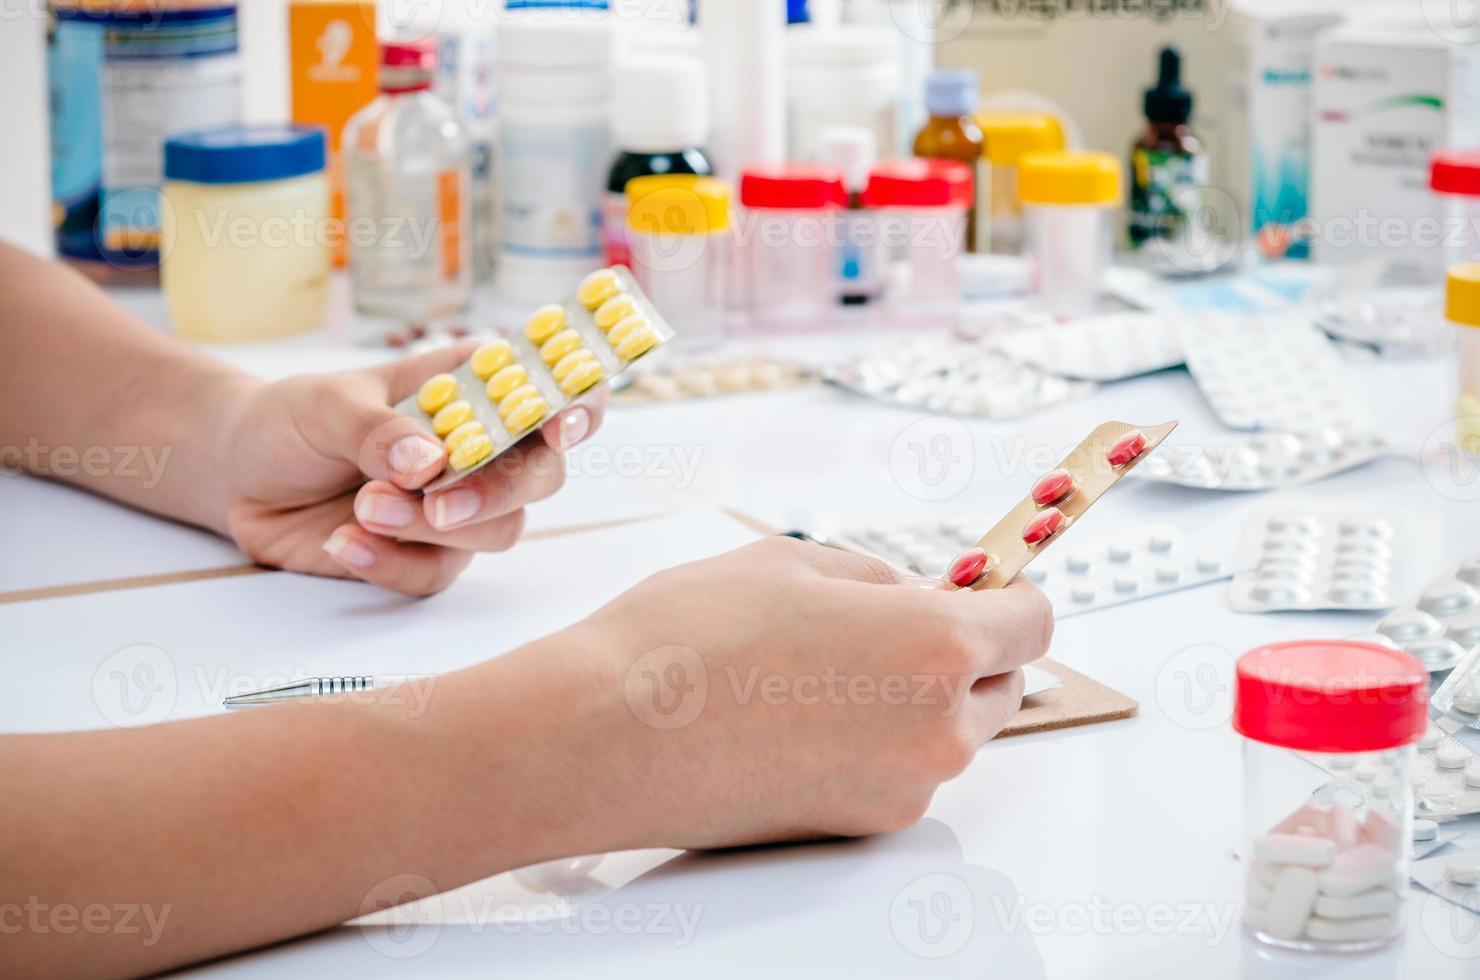 prescrição de medicamentos foto